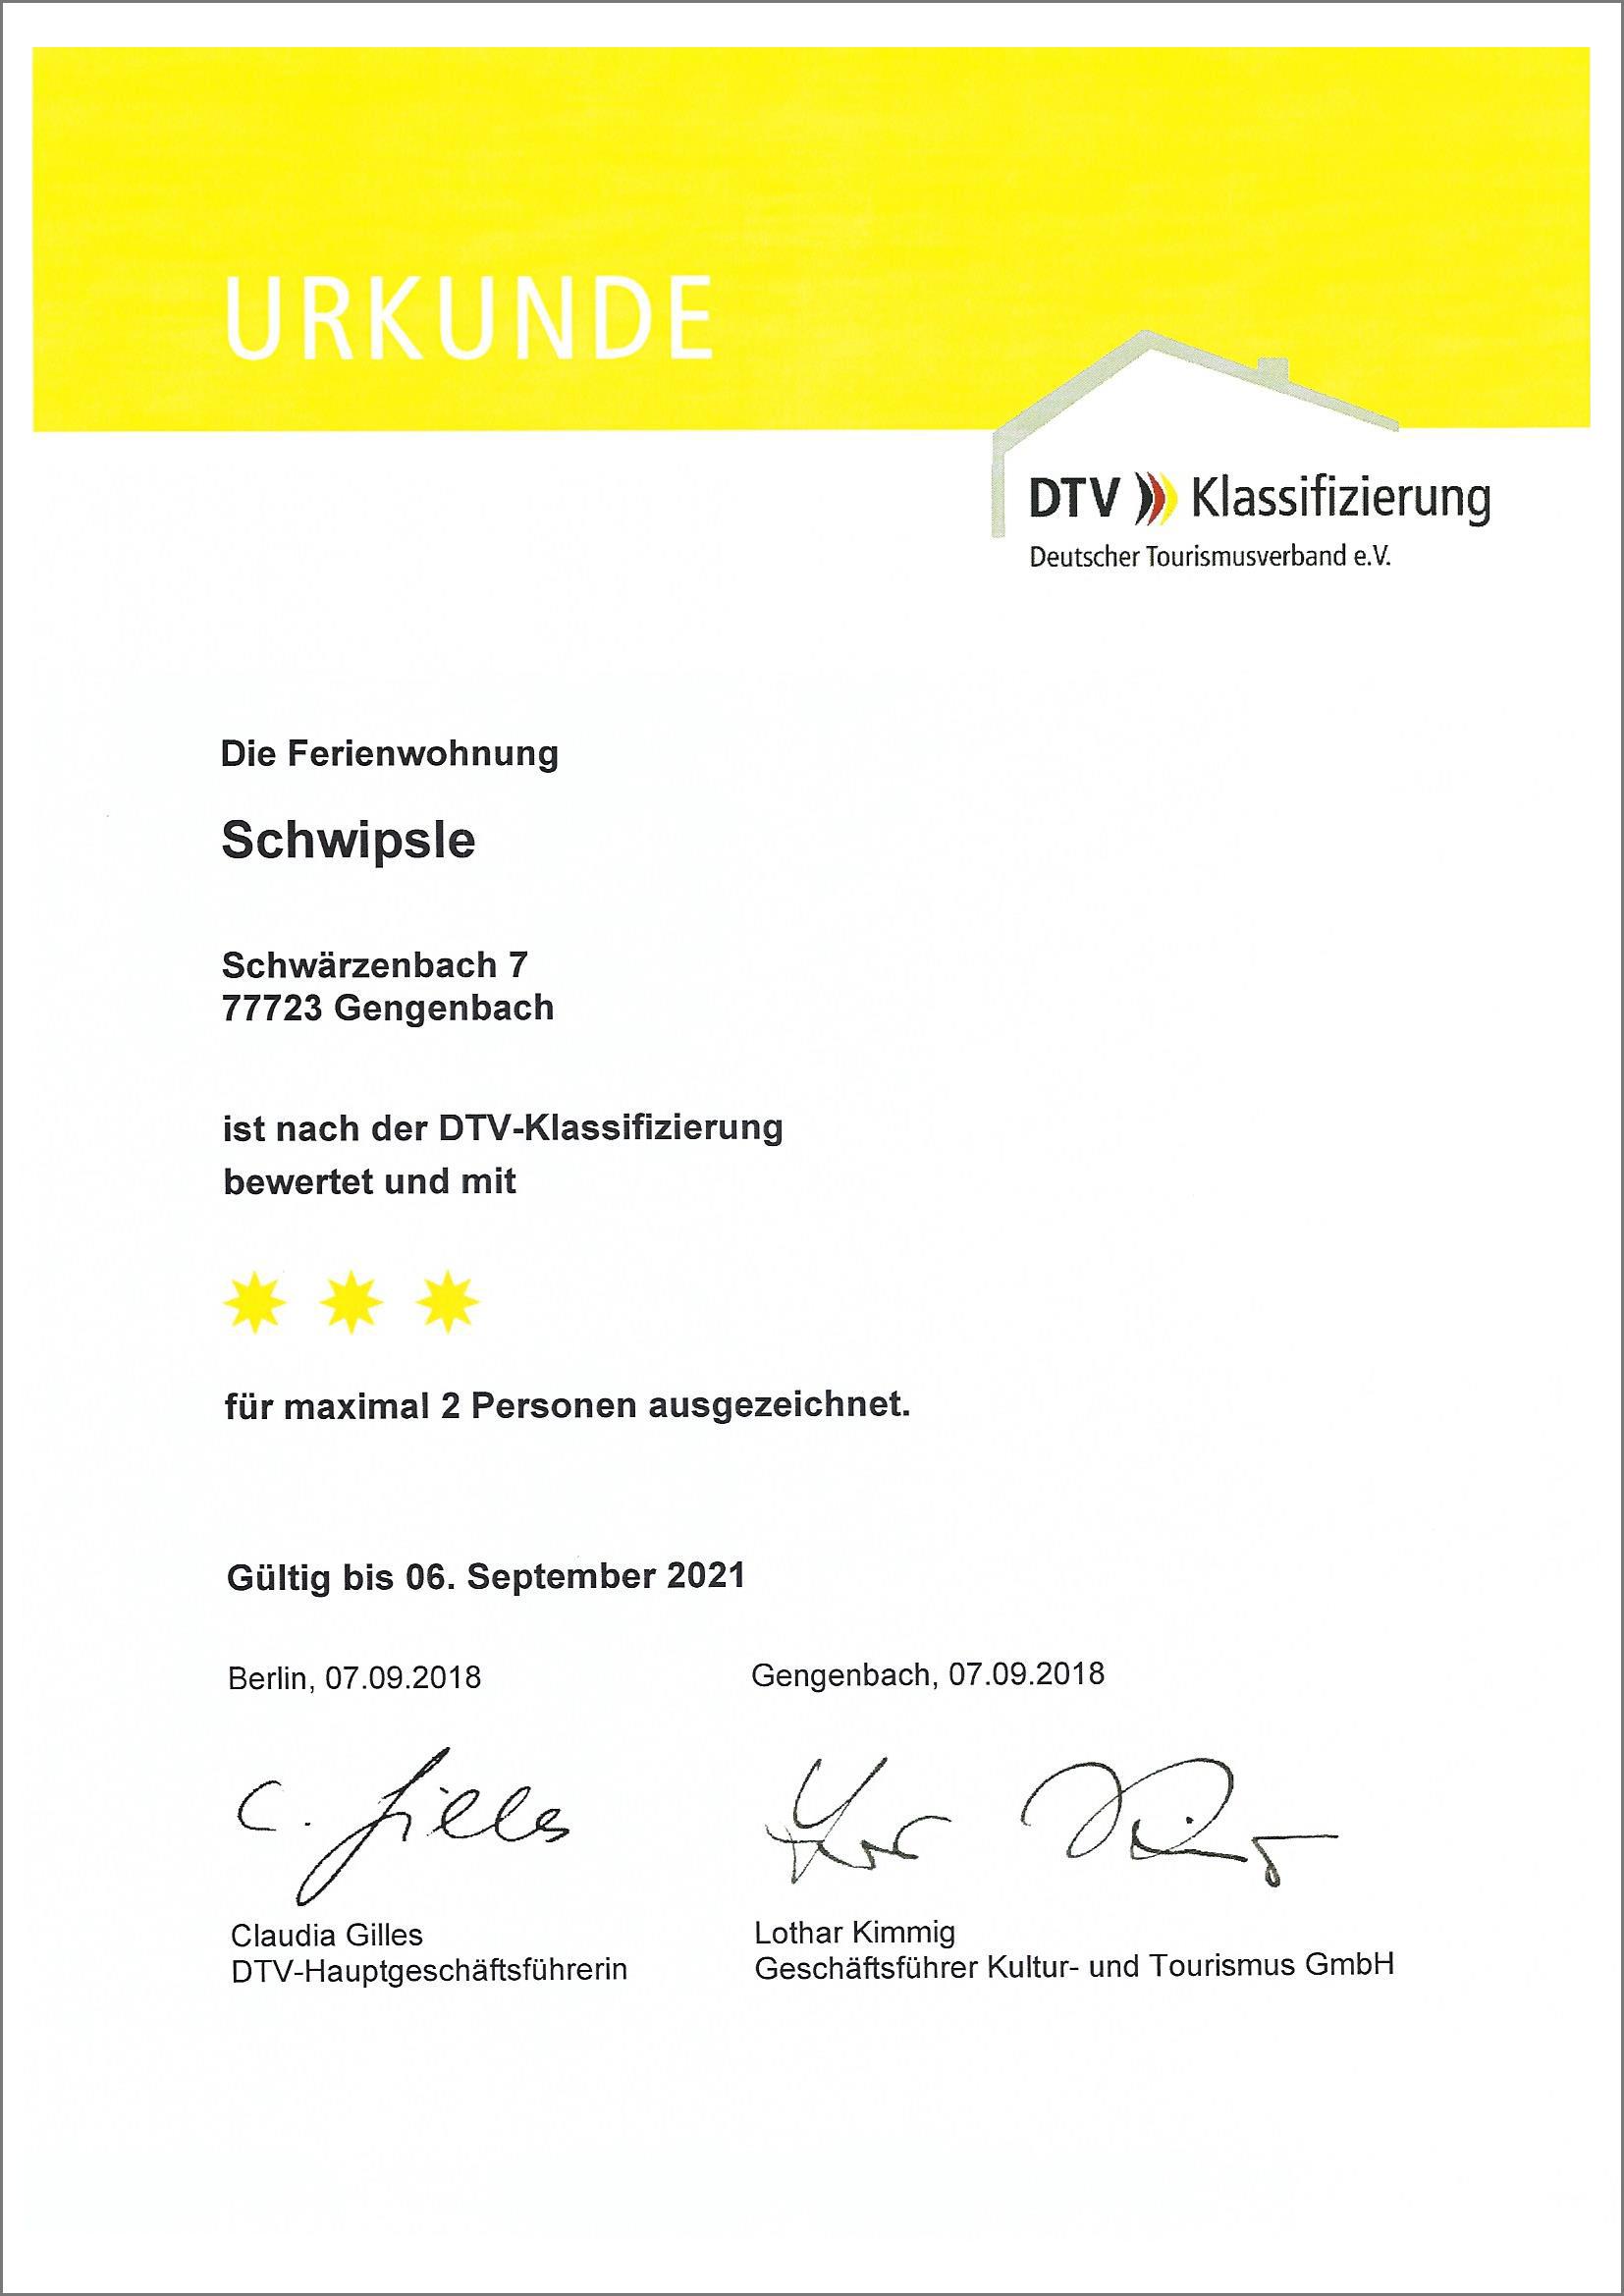 Ferienwohnung Schwipsle nach der DTV Klassifizierung mit 3 Sternen ausgezeichnet